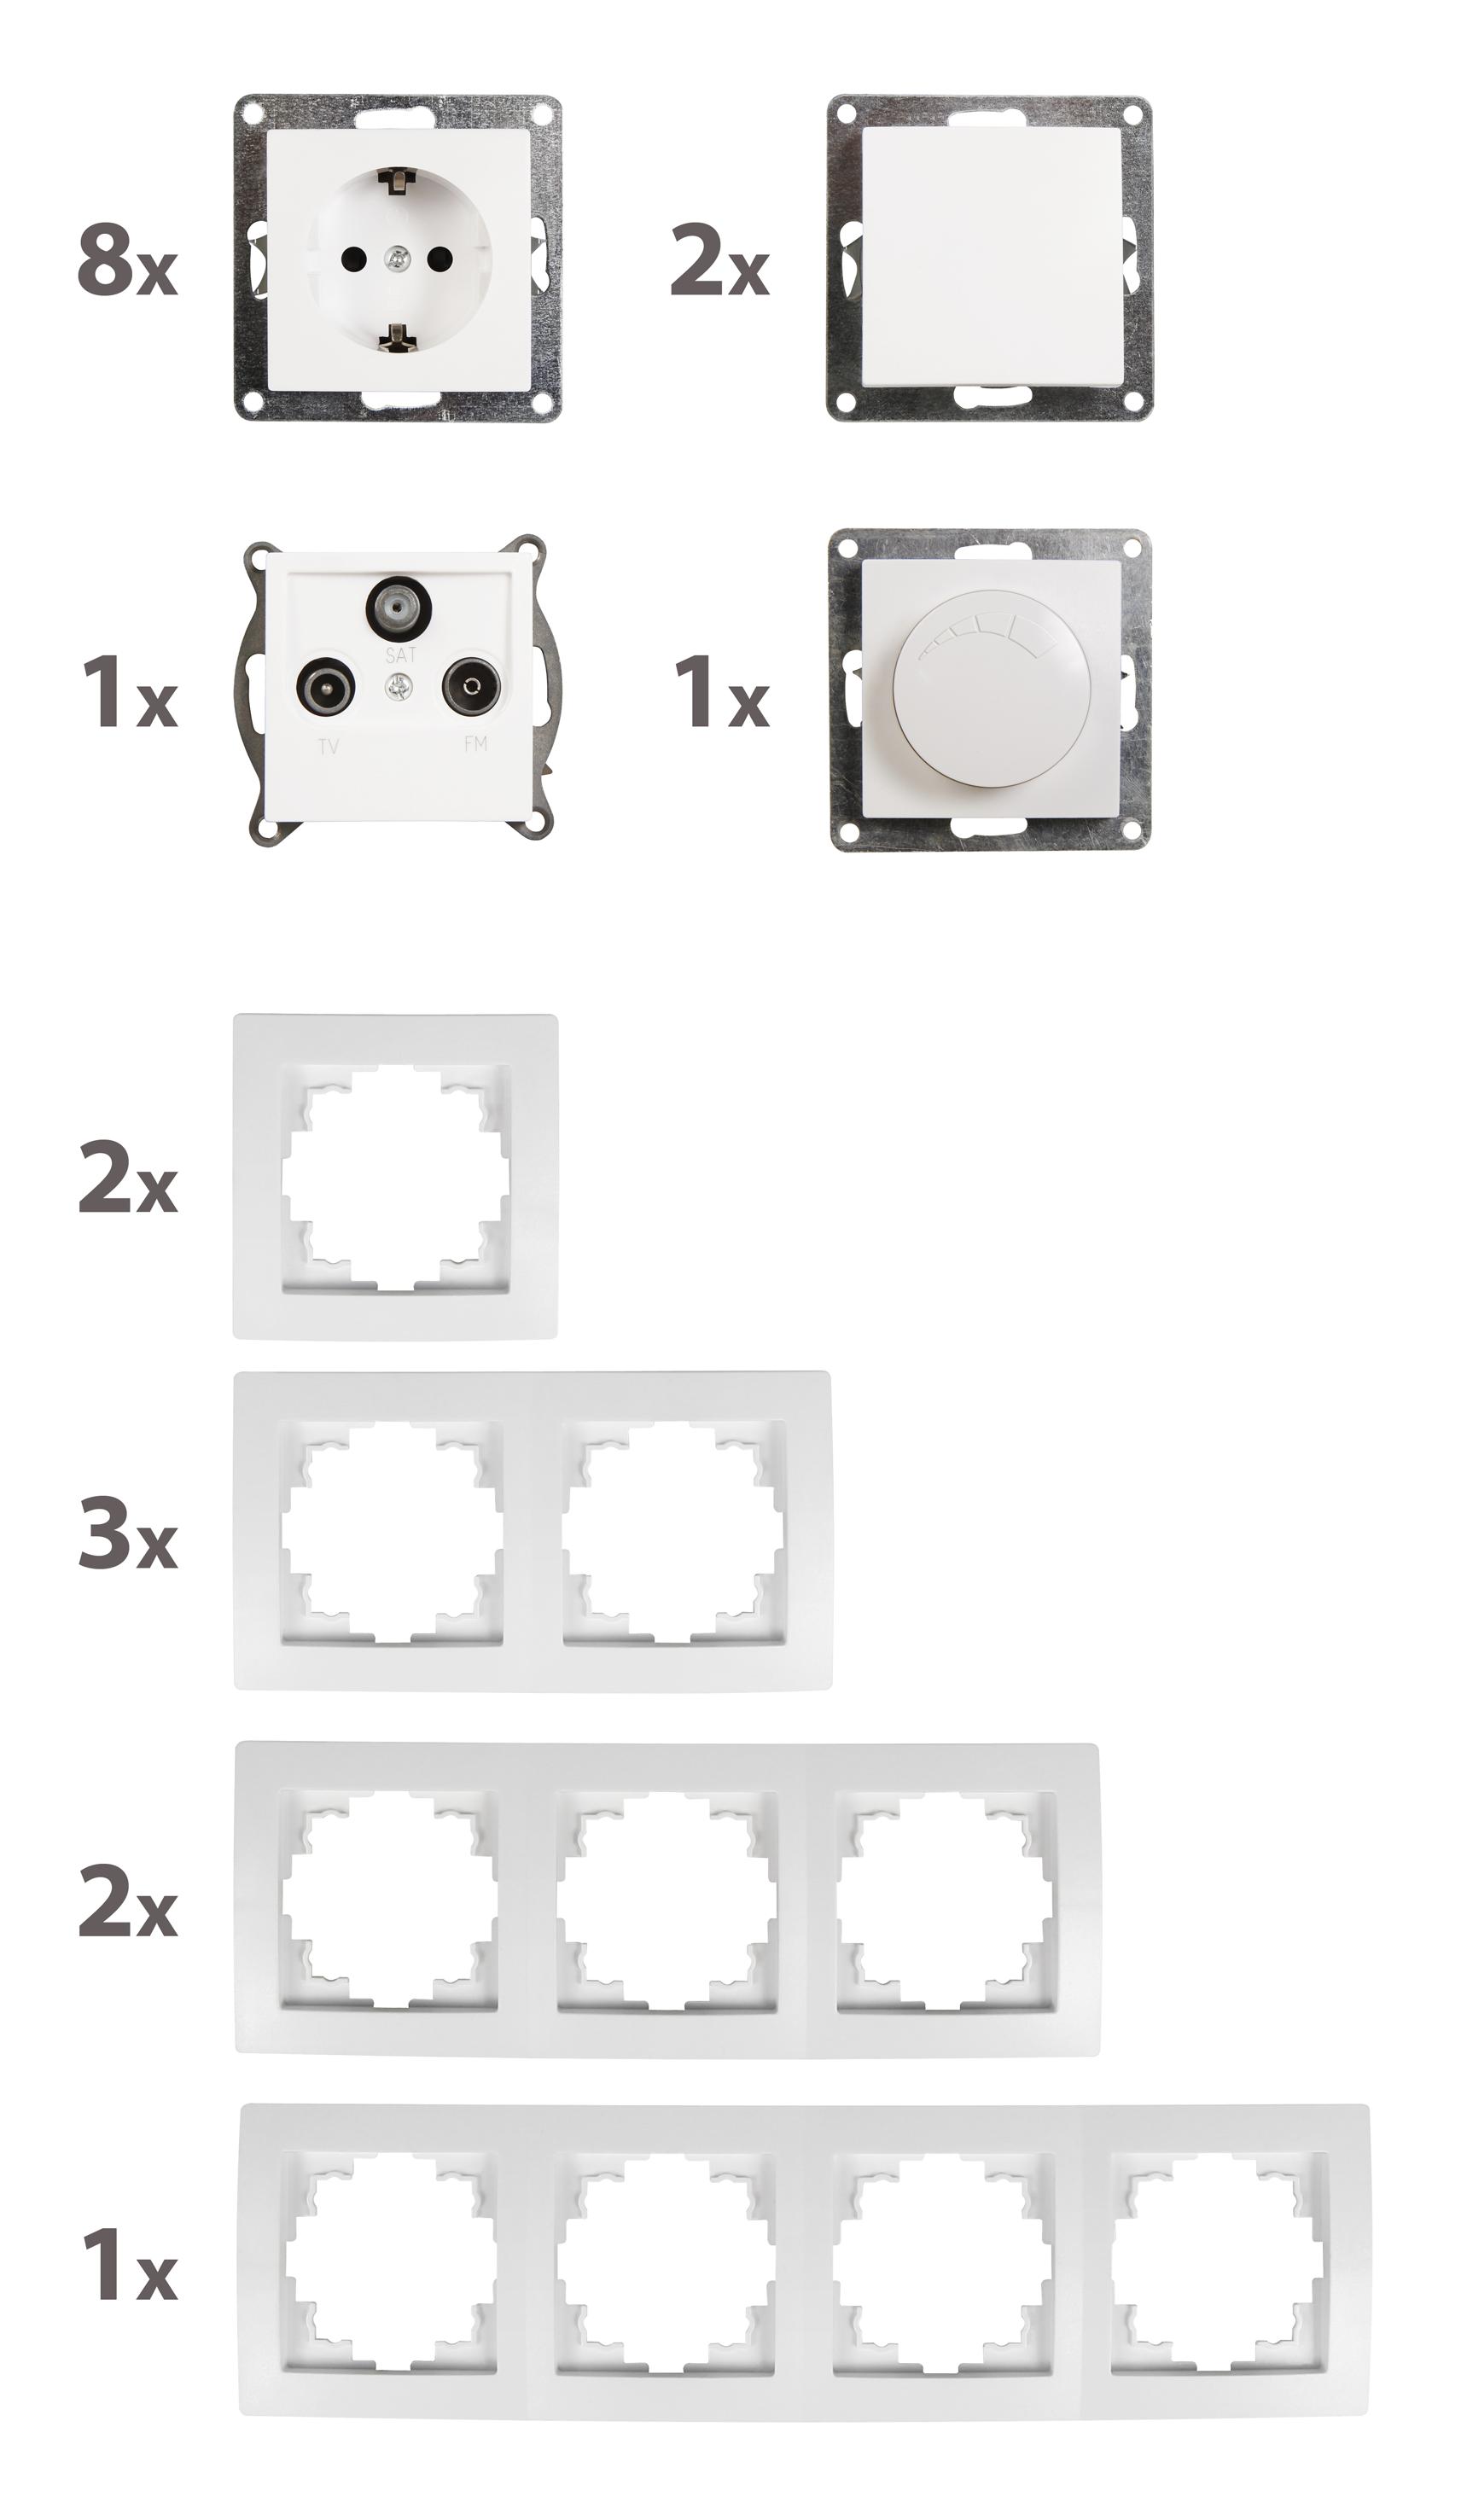 Schalter und Steckdosen Set McPower Flair ''Wohnlandschaft Dimmer'', 20-teilig, weiß